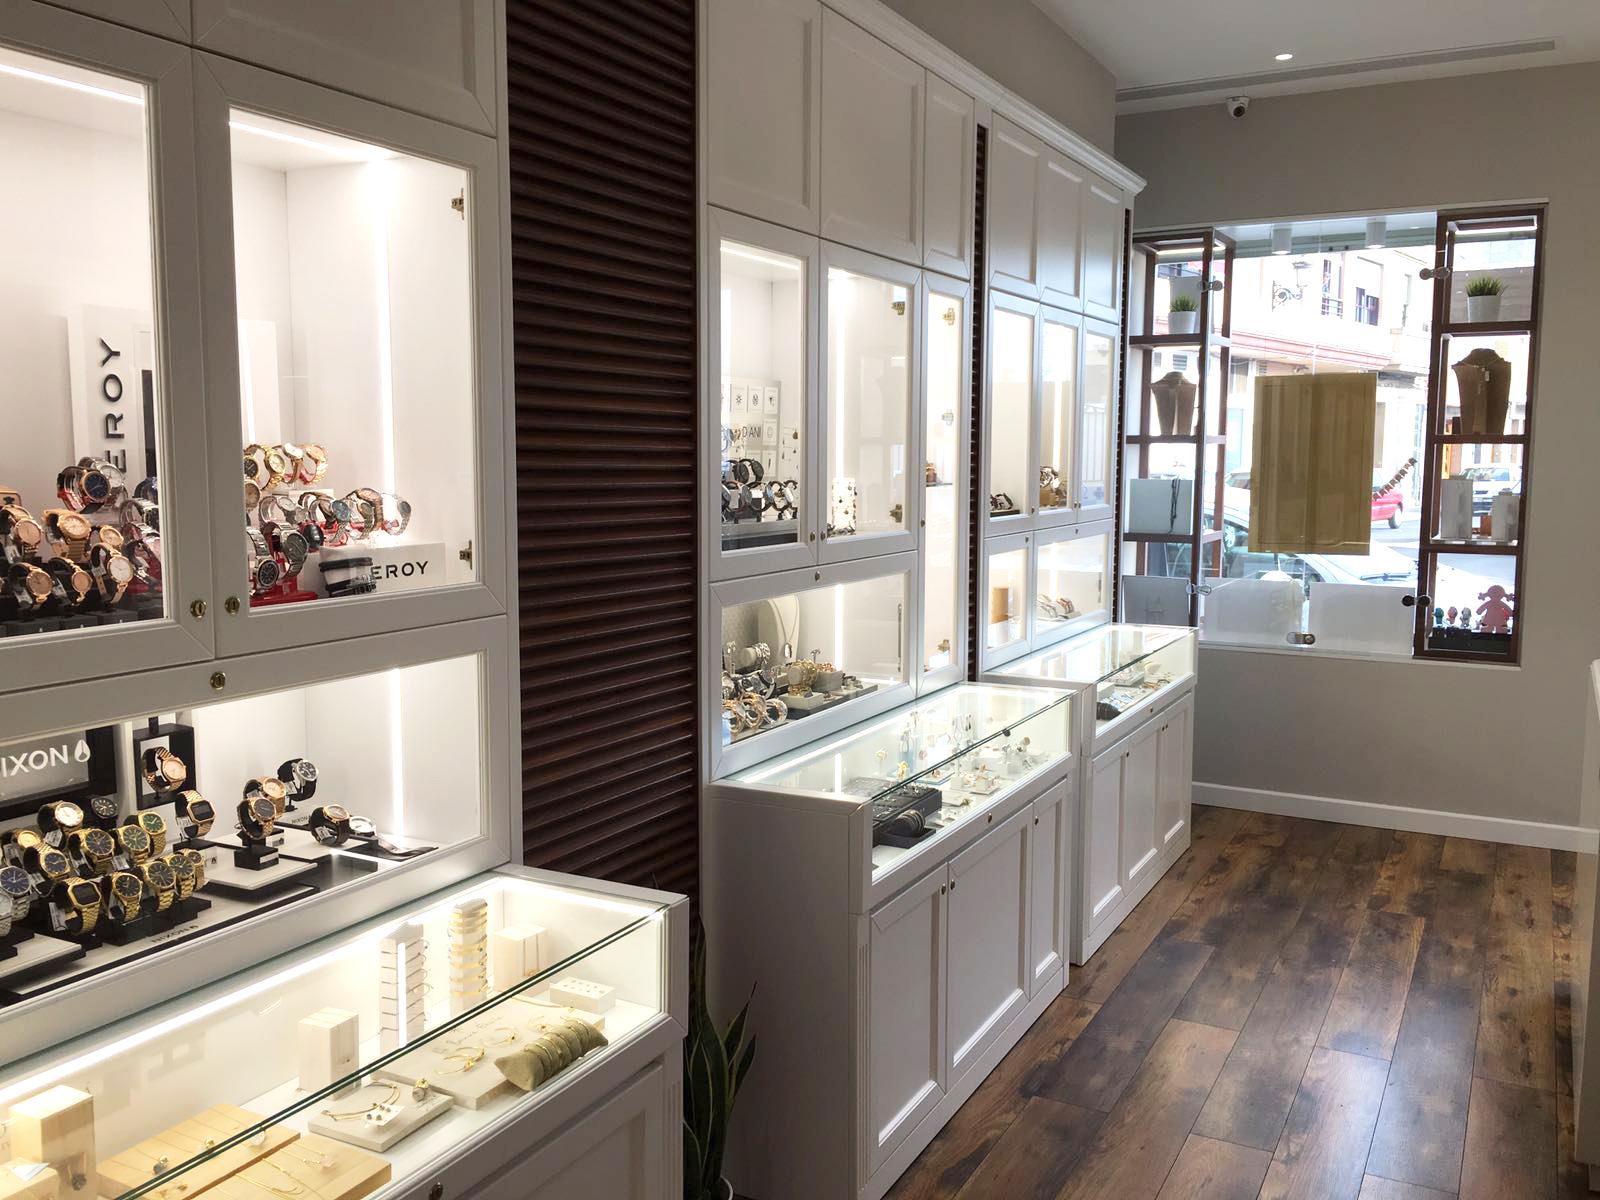 Muebles Joyeria : Emilio rotglá diseño de interiores para joyerías